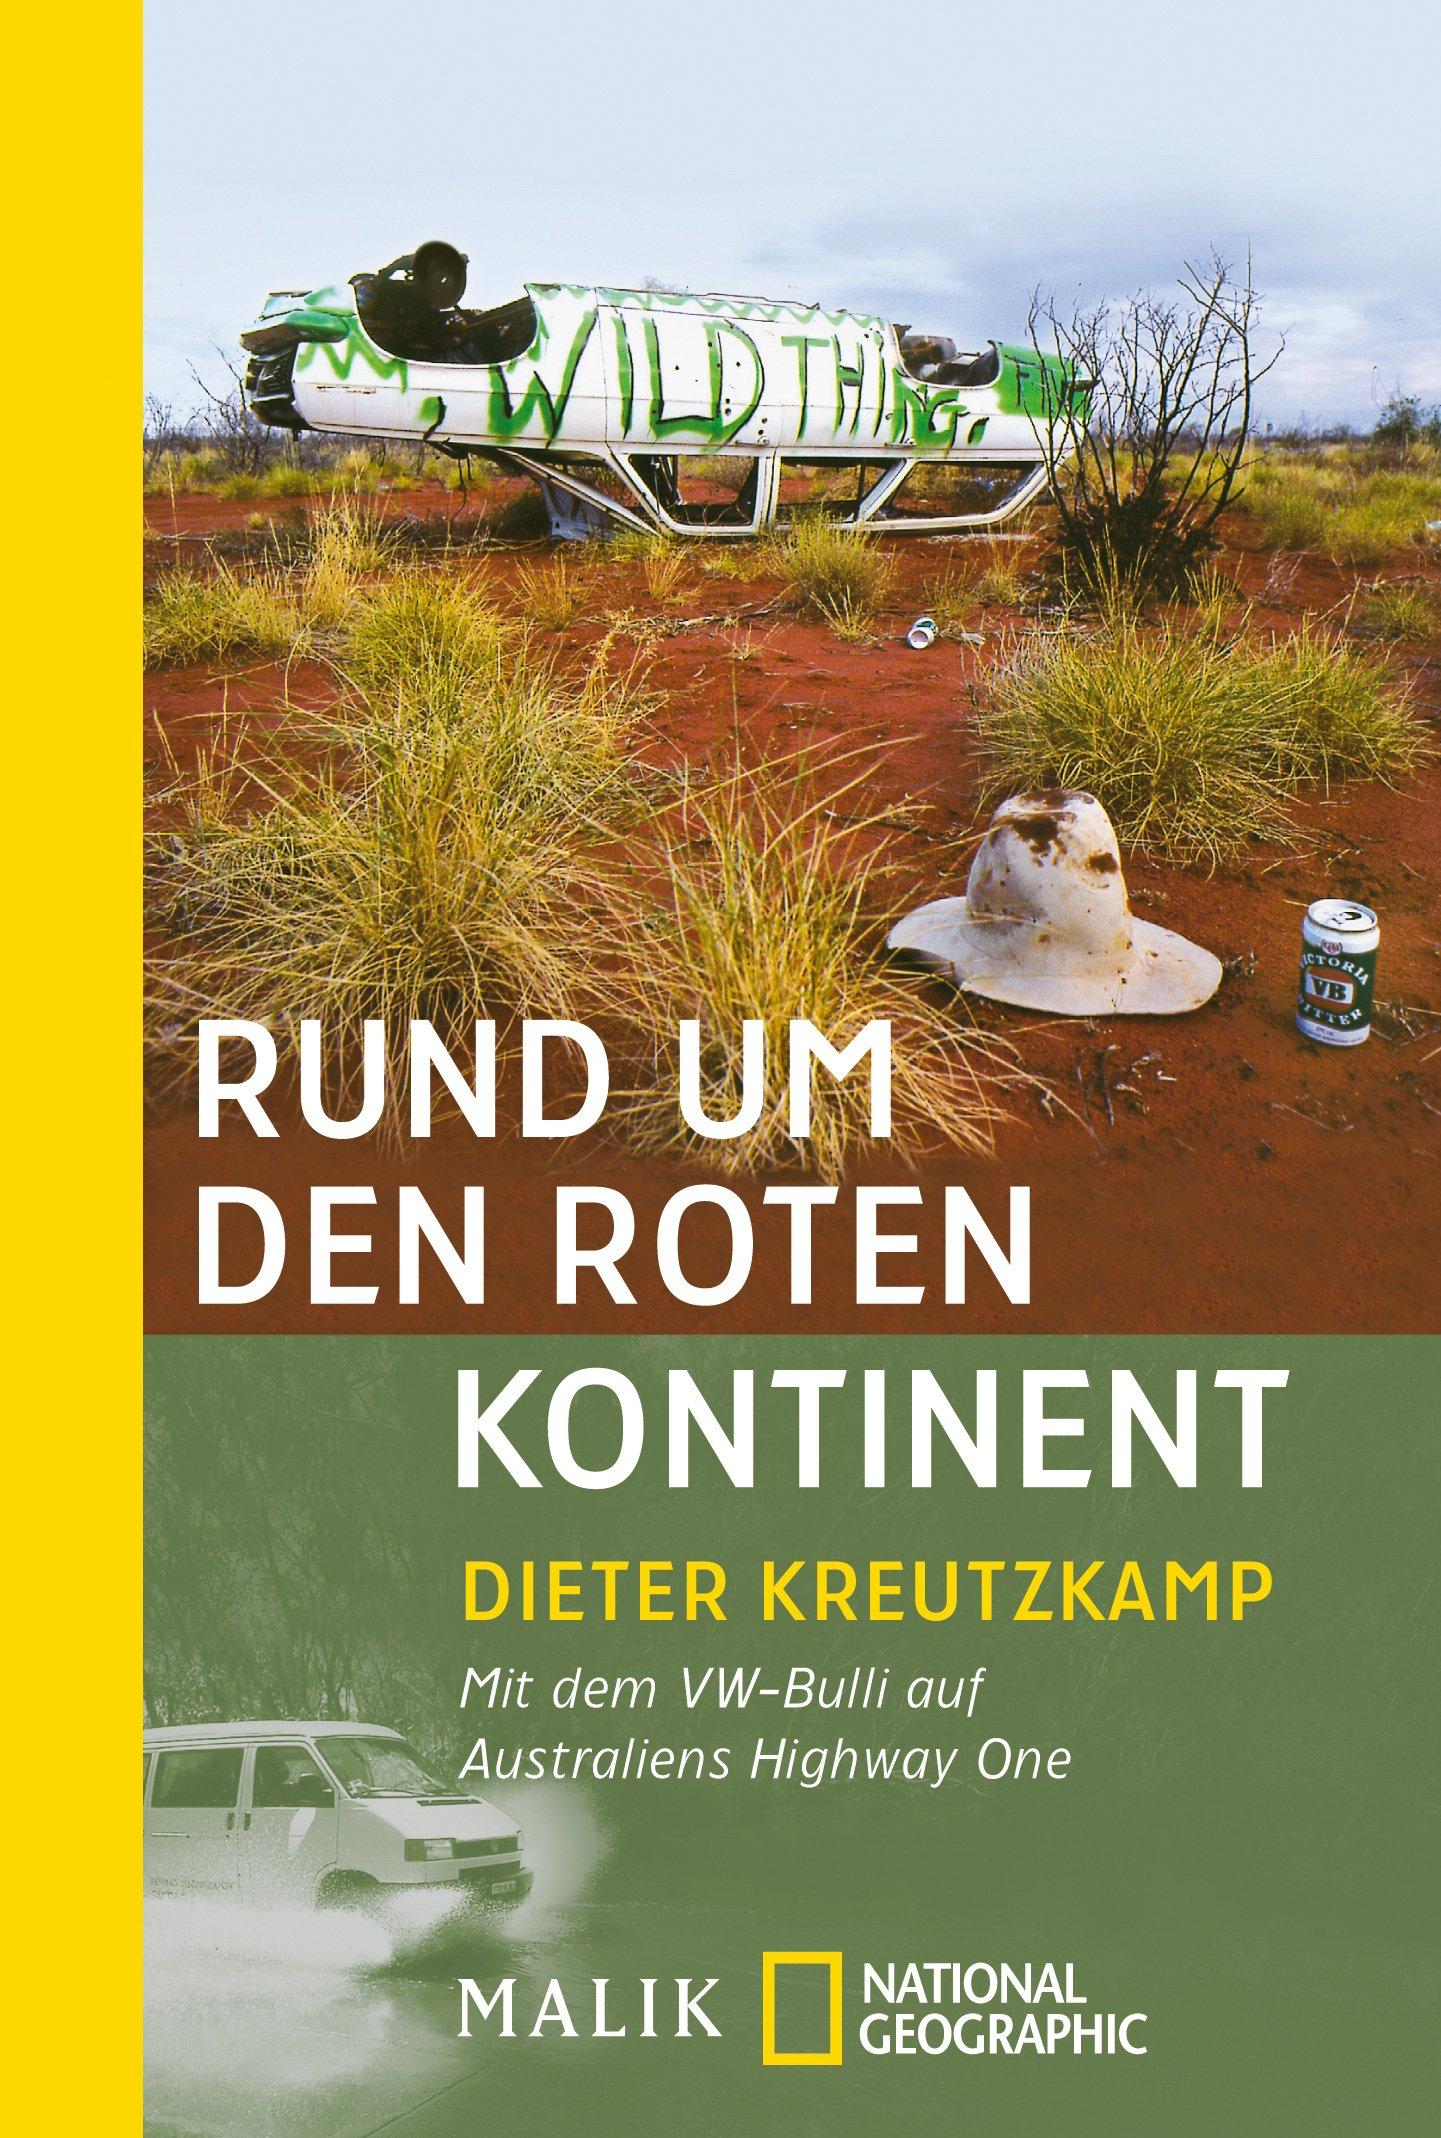 Rund um den roten Kontinent: Mit dem VW-Bulli auf Australiens Highway One (National Geographic Taschenbuch, Band 40211)